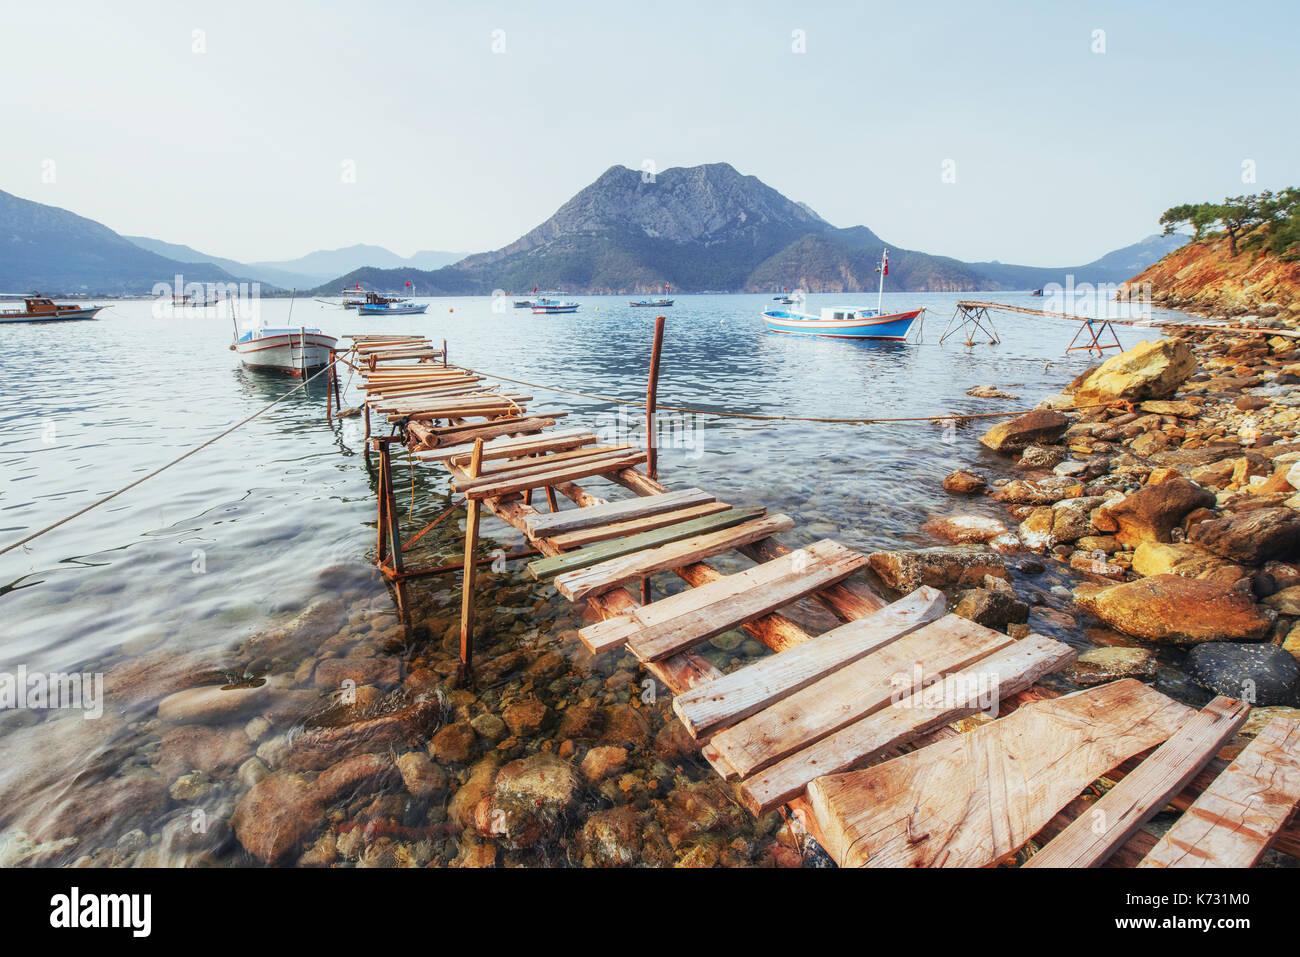 Barche vicino al molo rotto, mettendo in una quiete serena blu acqua di mare Immagini Stock